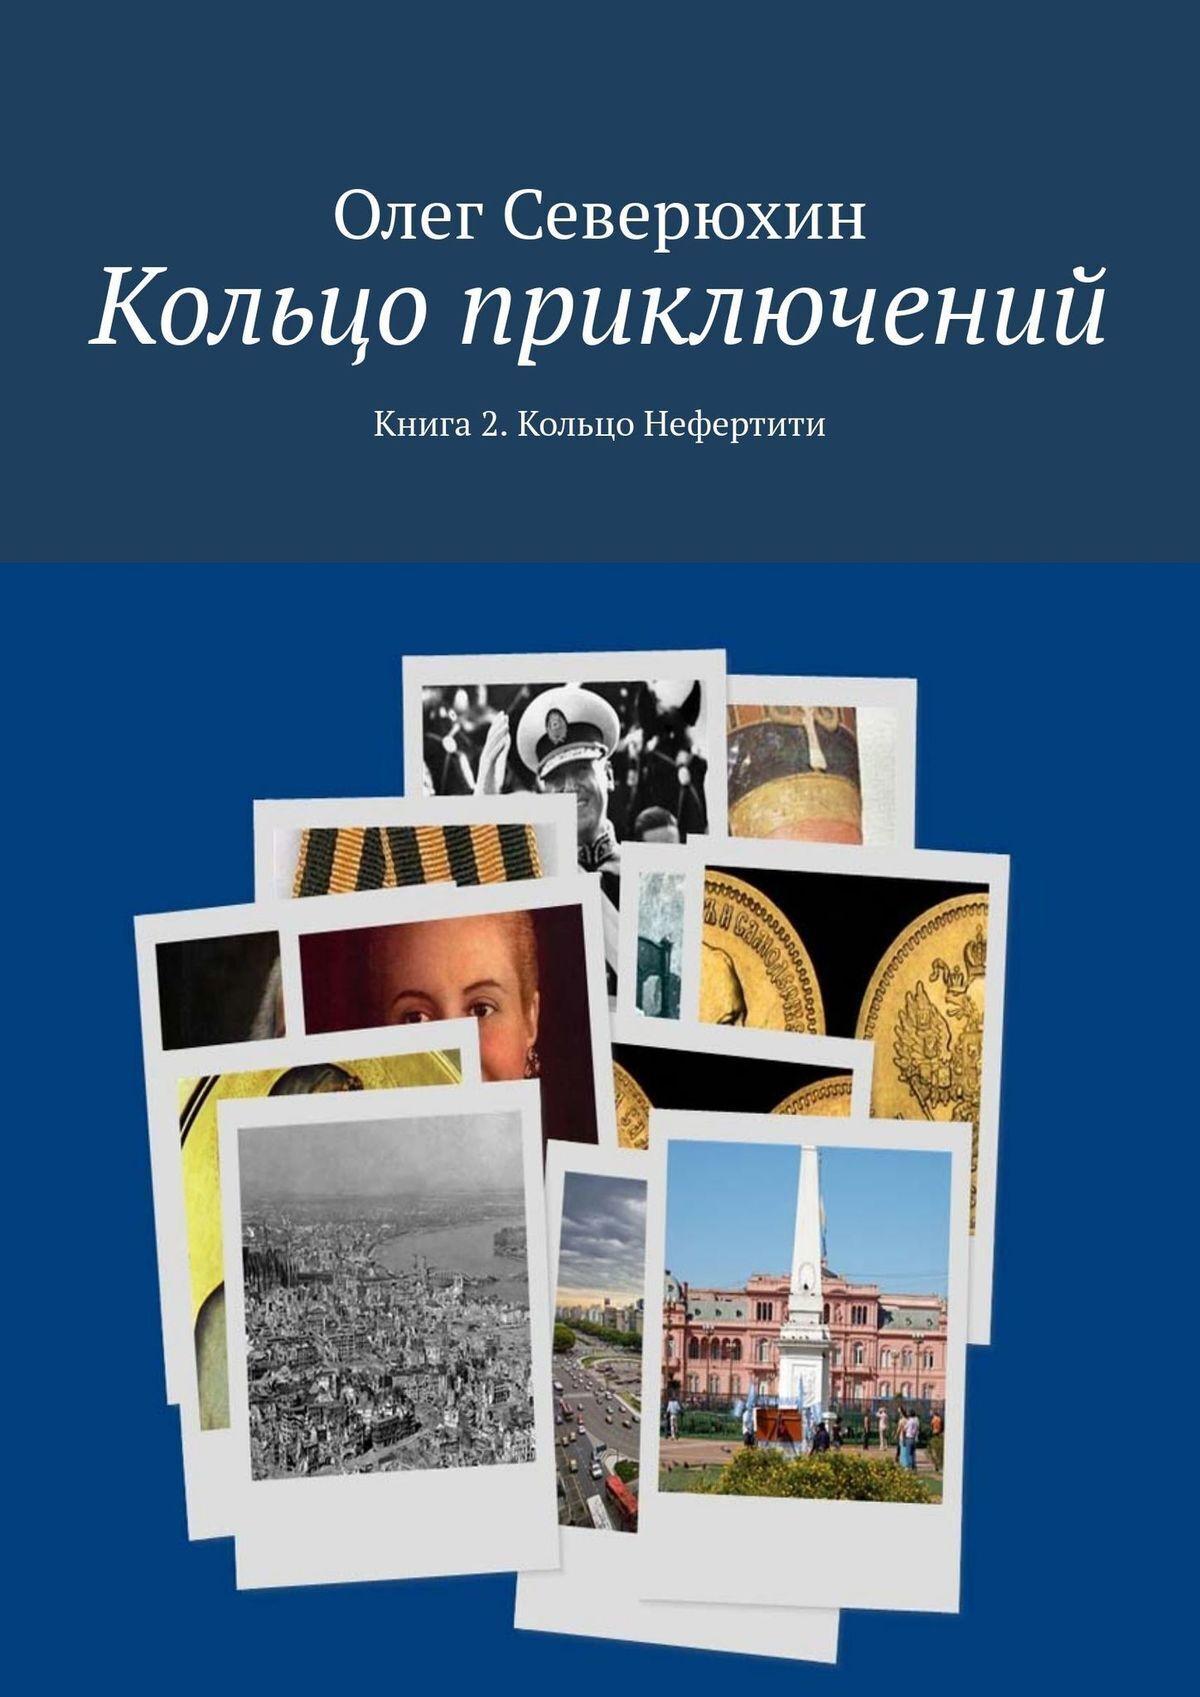 Олег Васильевич Северюхин Кольцо приключений. Книга2. Кольцо Нефертити цена